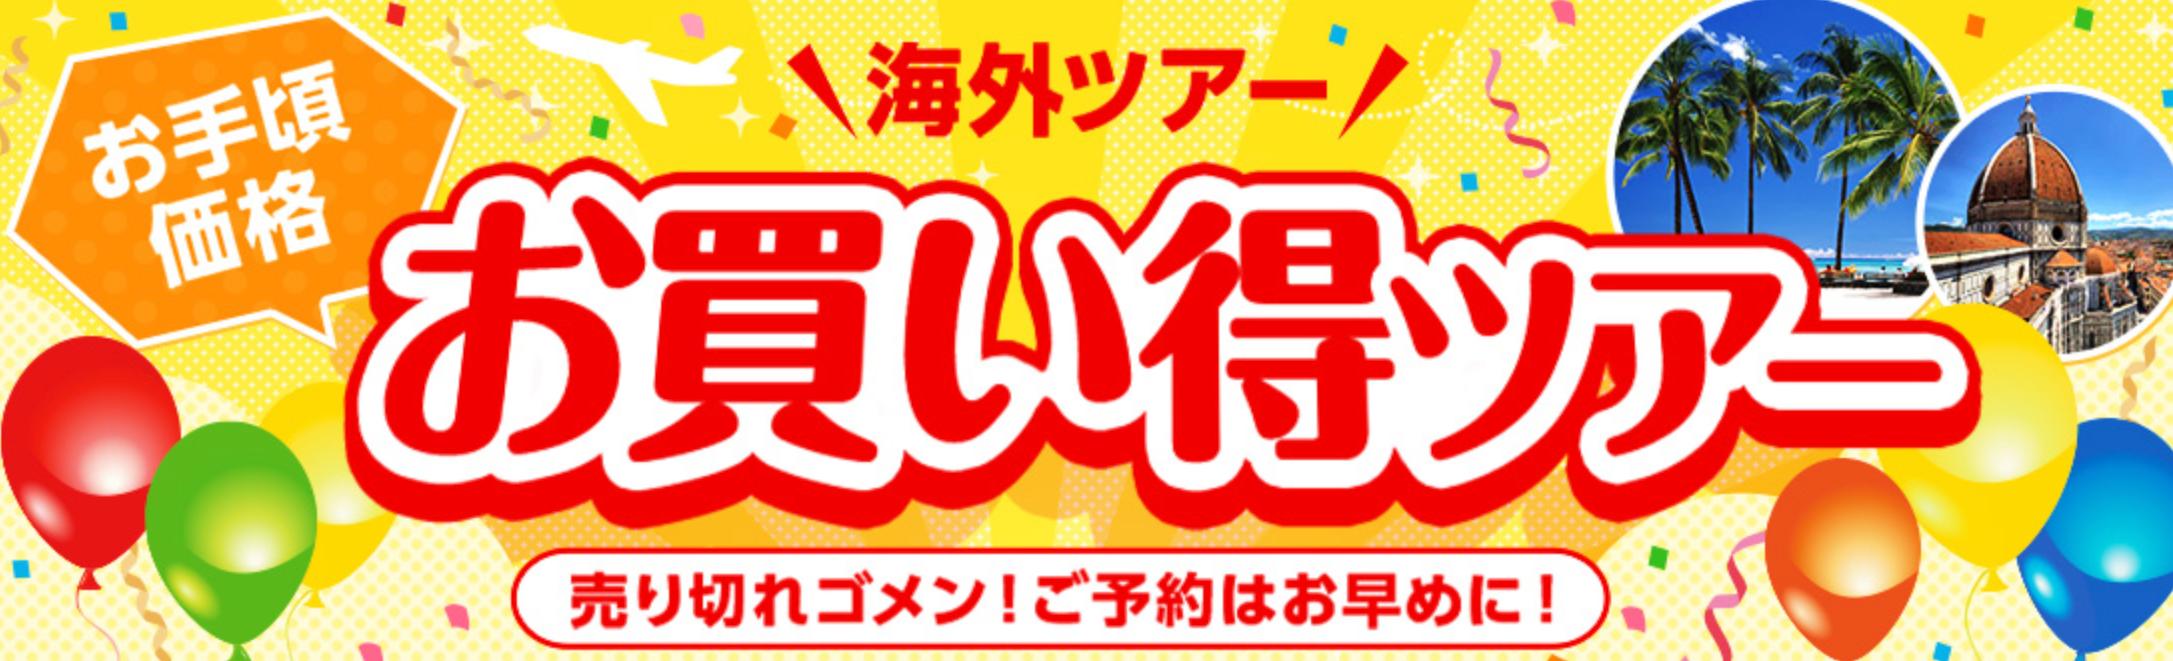 【近畿日本ツーリスト】海外ツアー商品セール